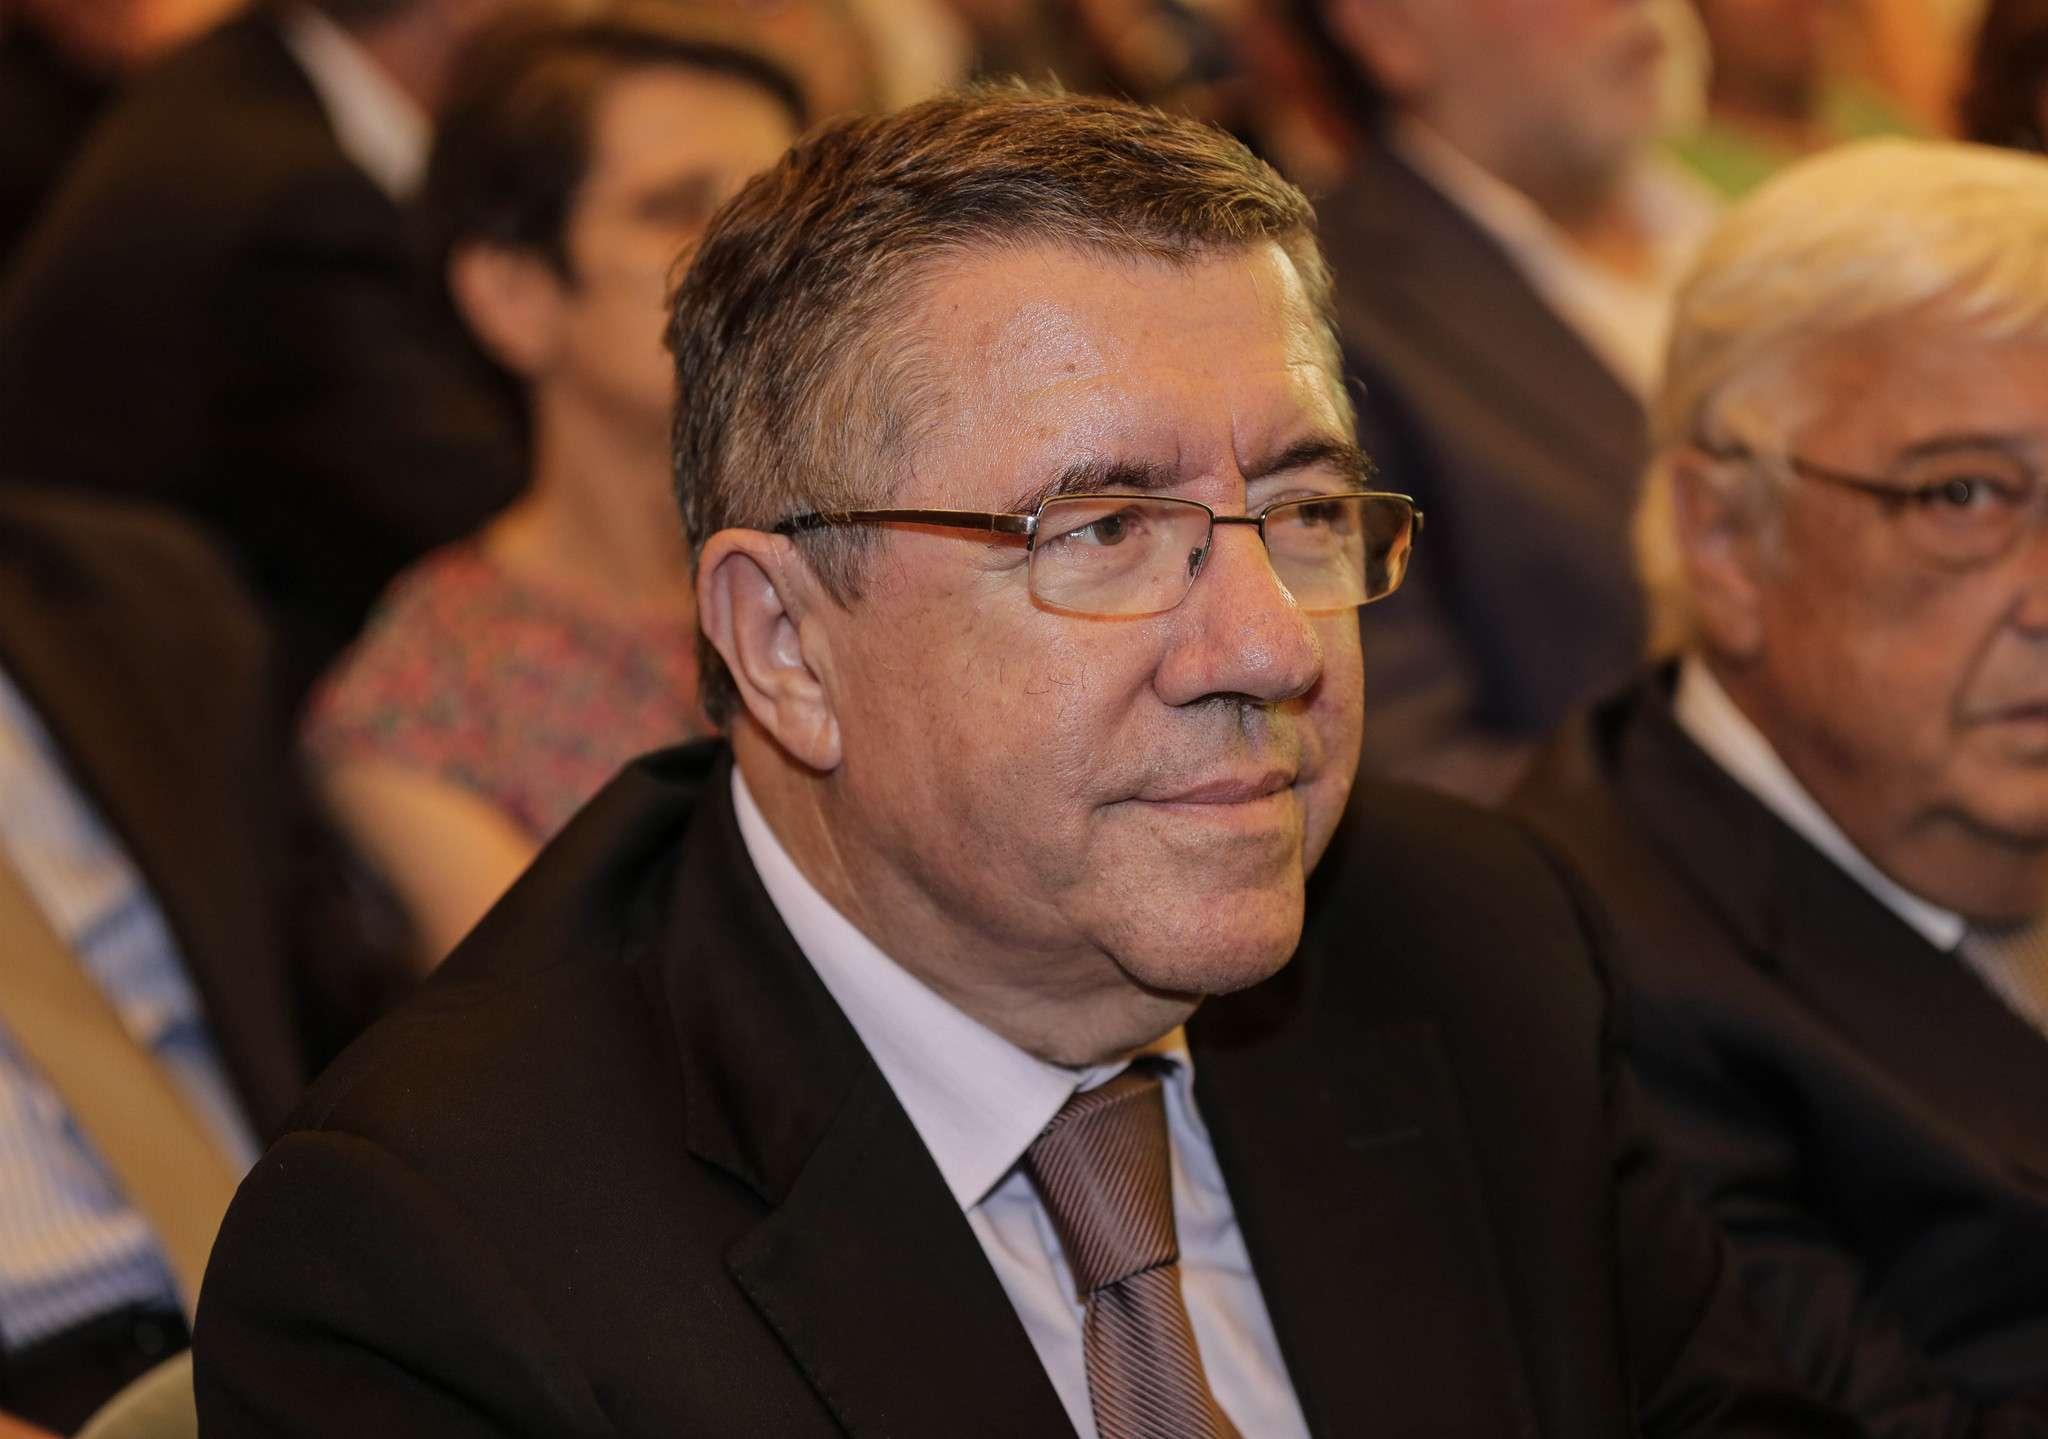 Morreu Jorge Coelho, político. Tinha 66 anos